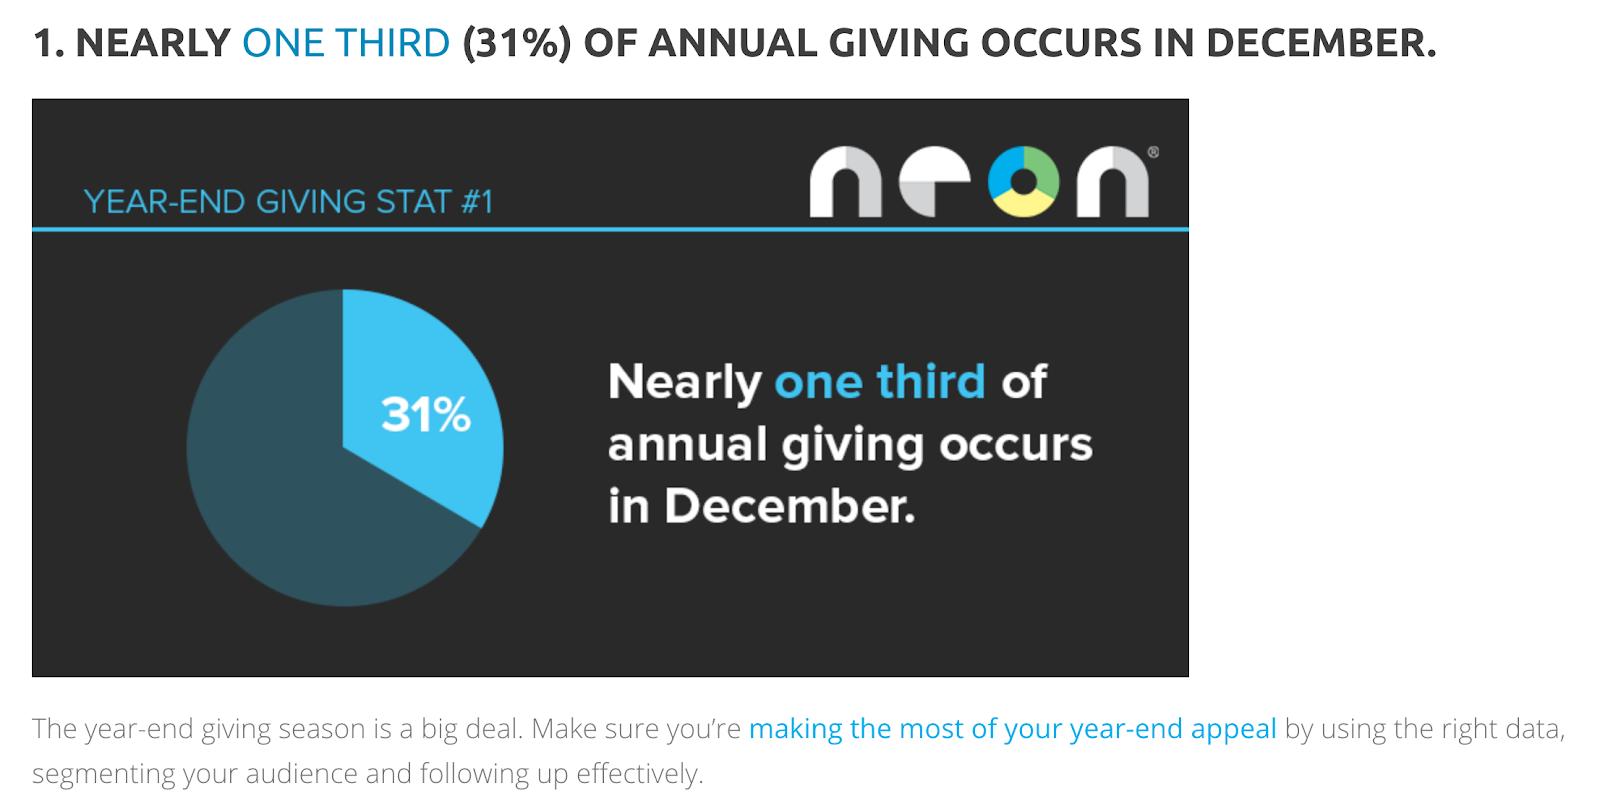 esempio di post altamente collegato sulle statistiche delle donazioni.